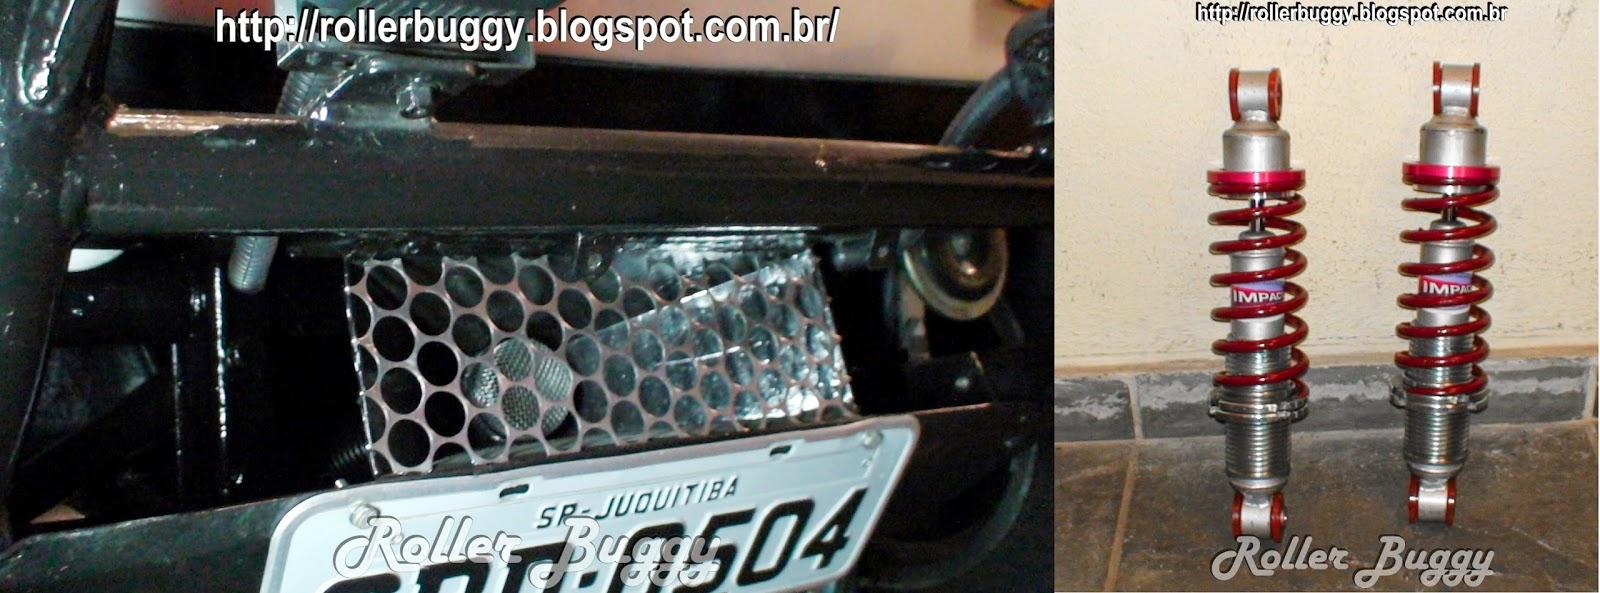 http://rollerbuggy.blogspot.com.br/2015/02/2014-junho-arrefecimento-e-coil-over.html#more